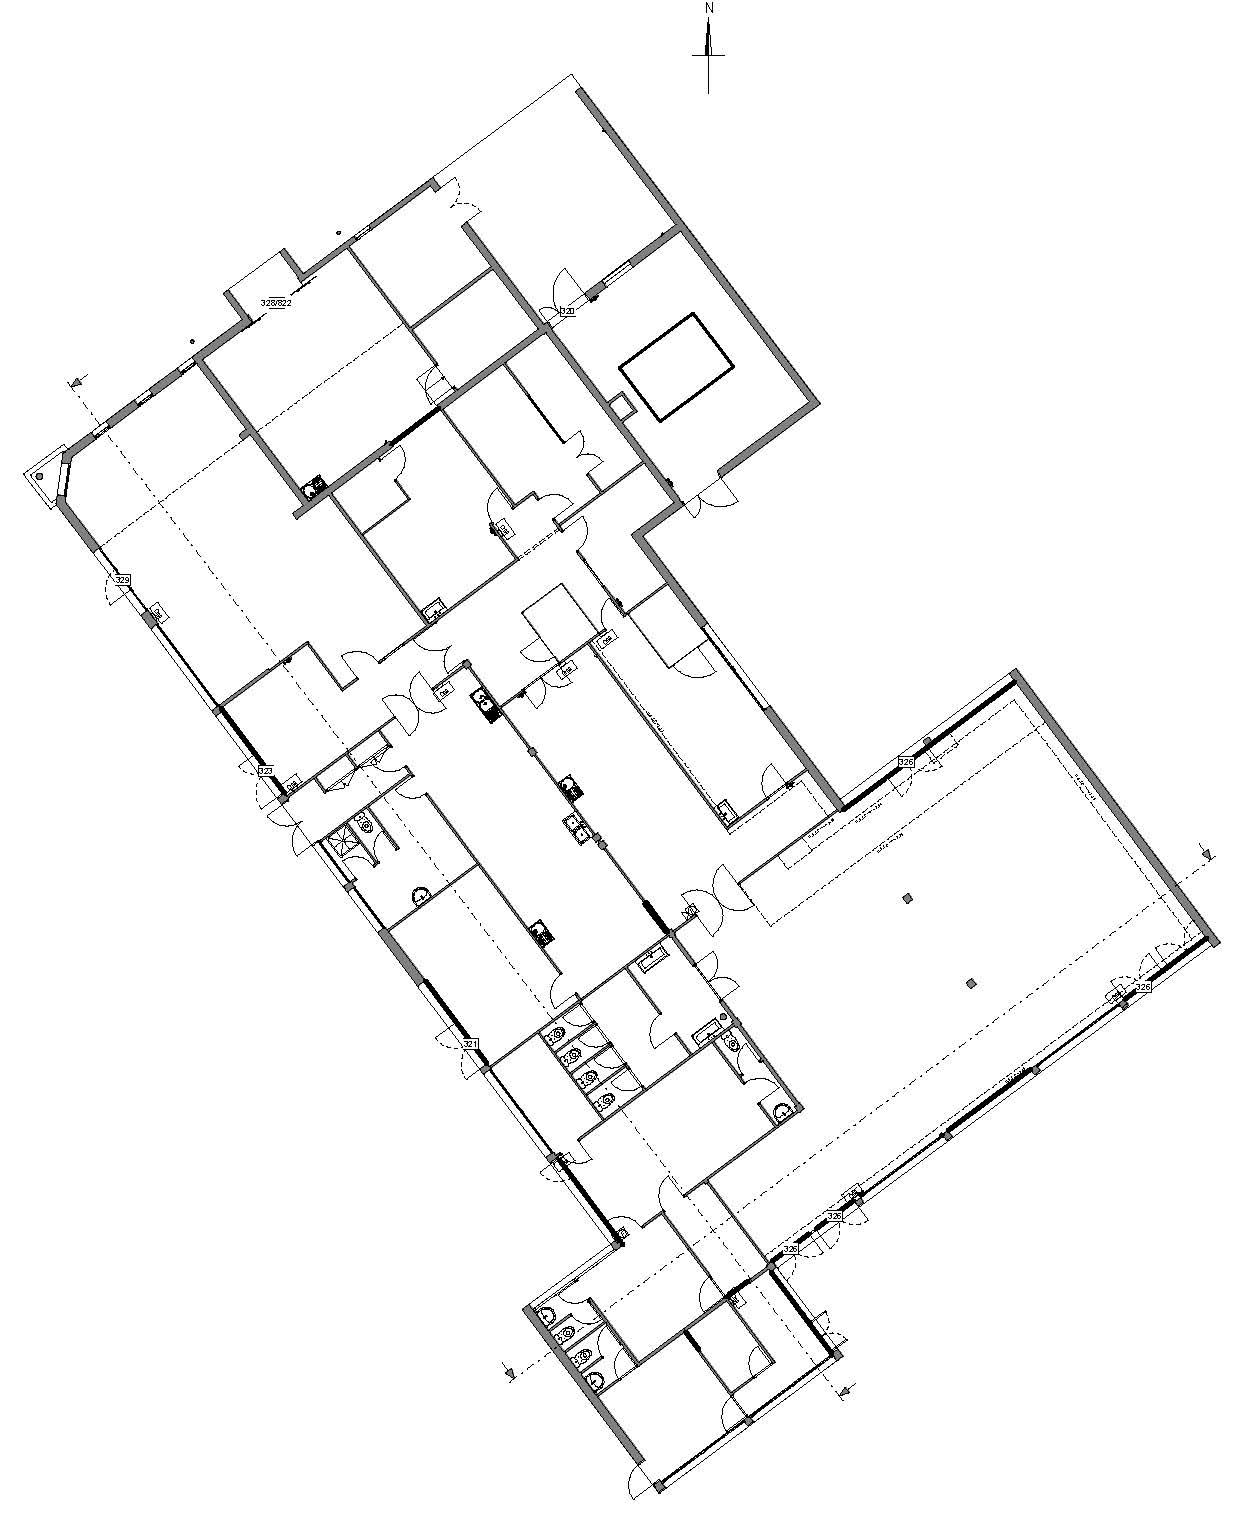 etude multidomaine d 39 une cantine agencement clairage acoustique thermique structure. Black Bedroom Furniture Sets. Home Design Ideas